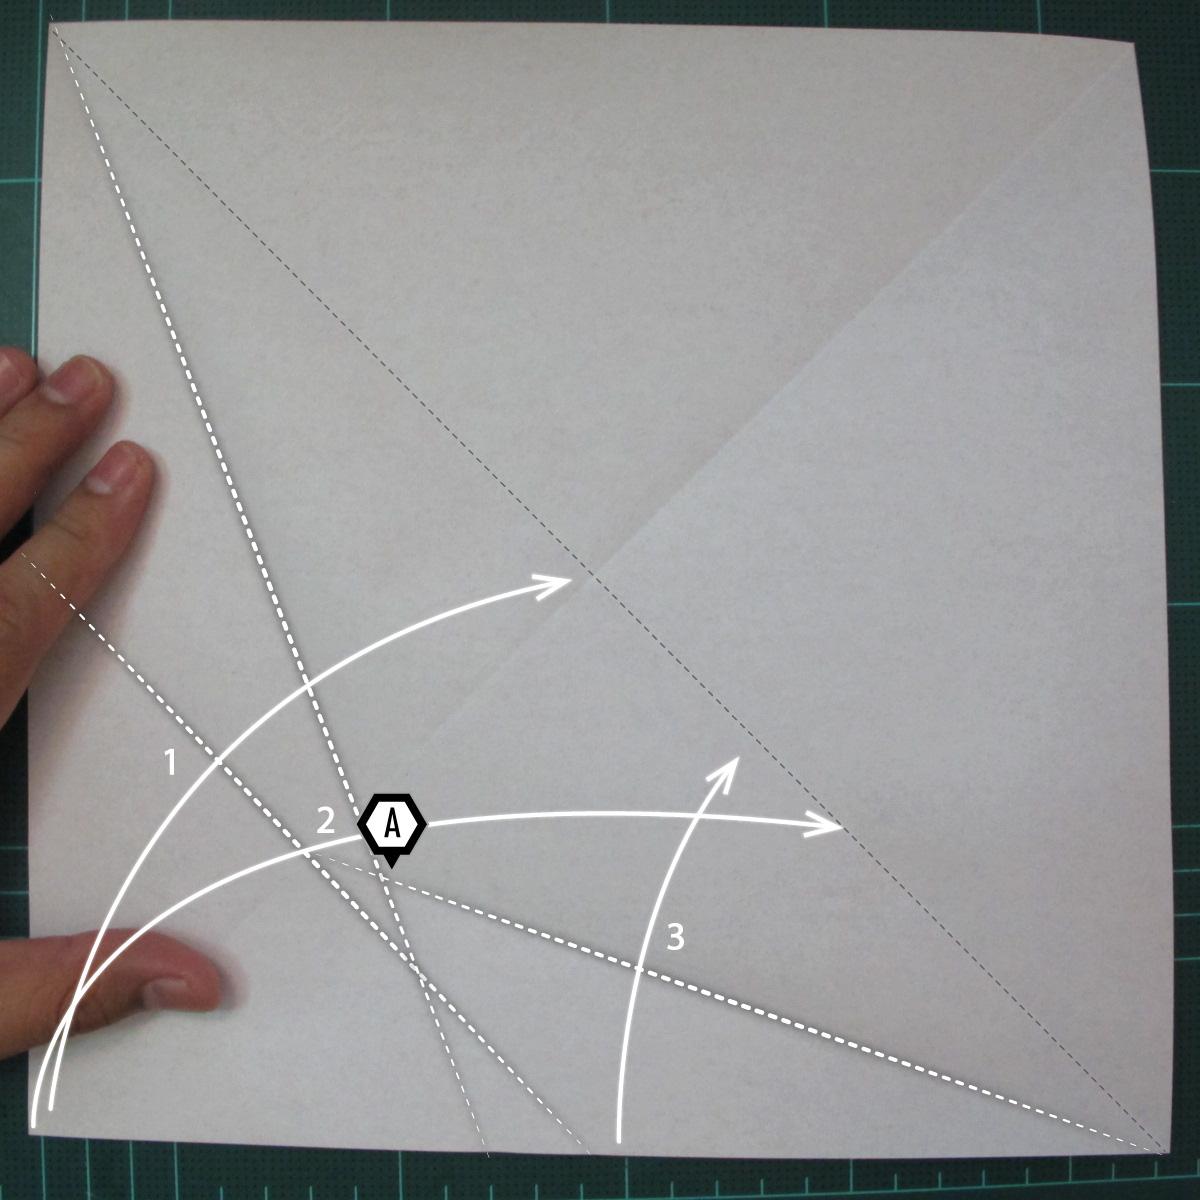 การพับกระดาษเป็นรูปสัตว์ประหลาดก็อตซิล่า (Origami Gozzila) 003